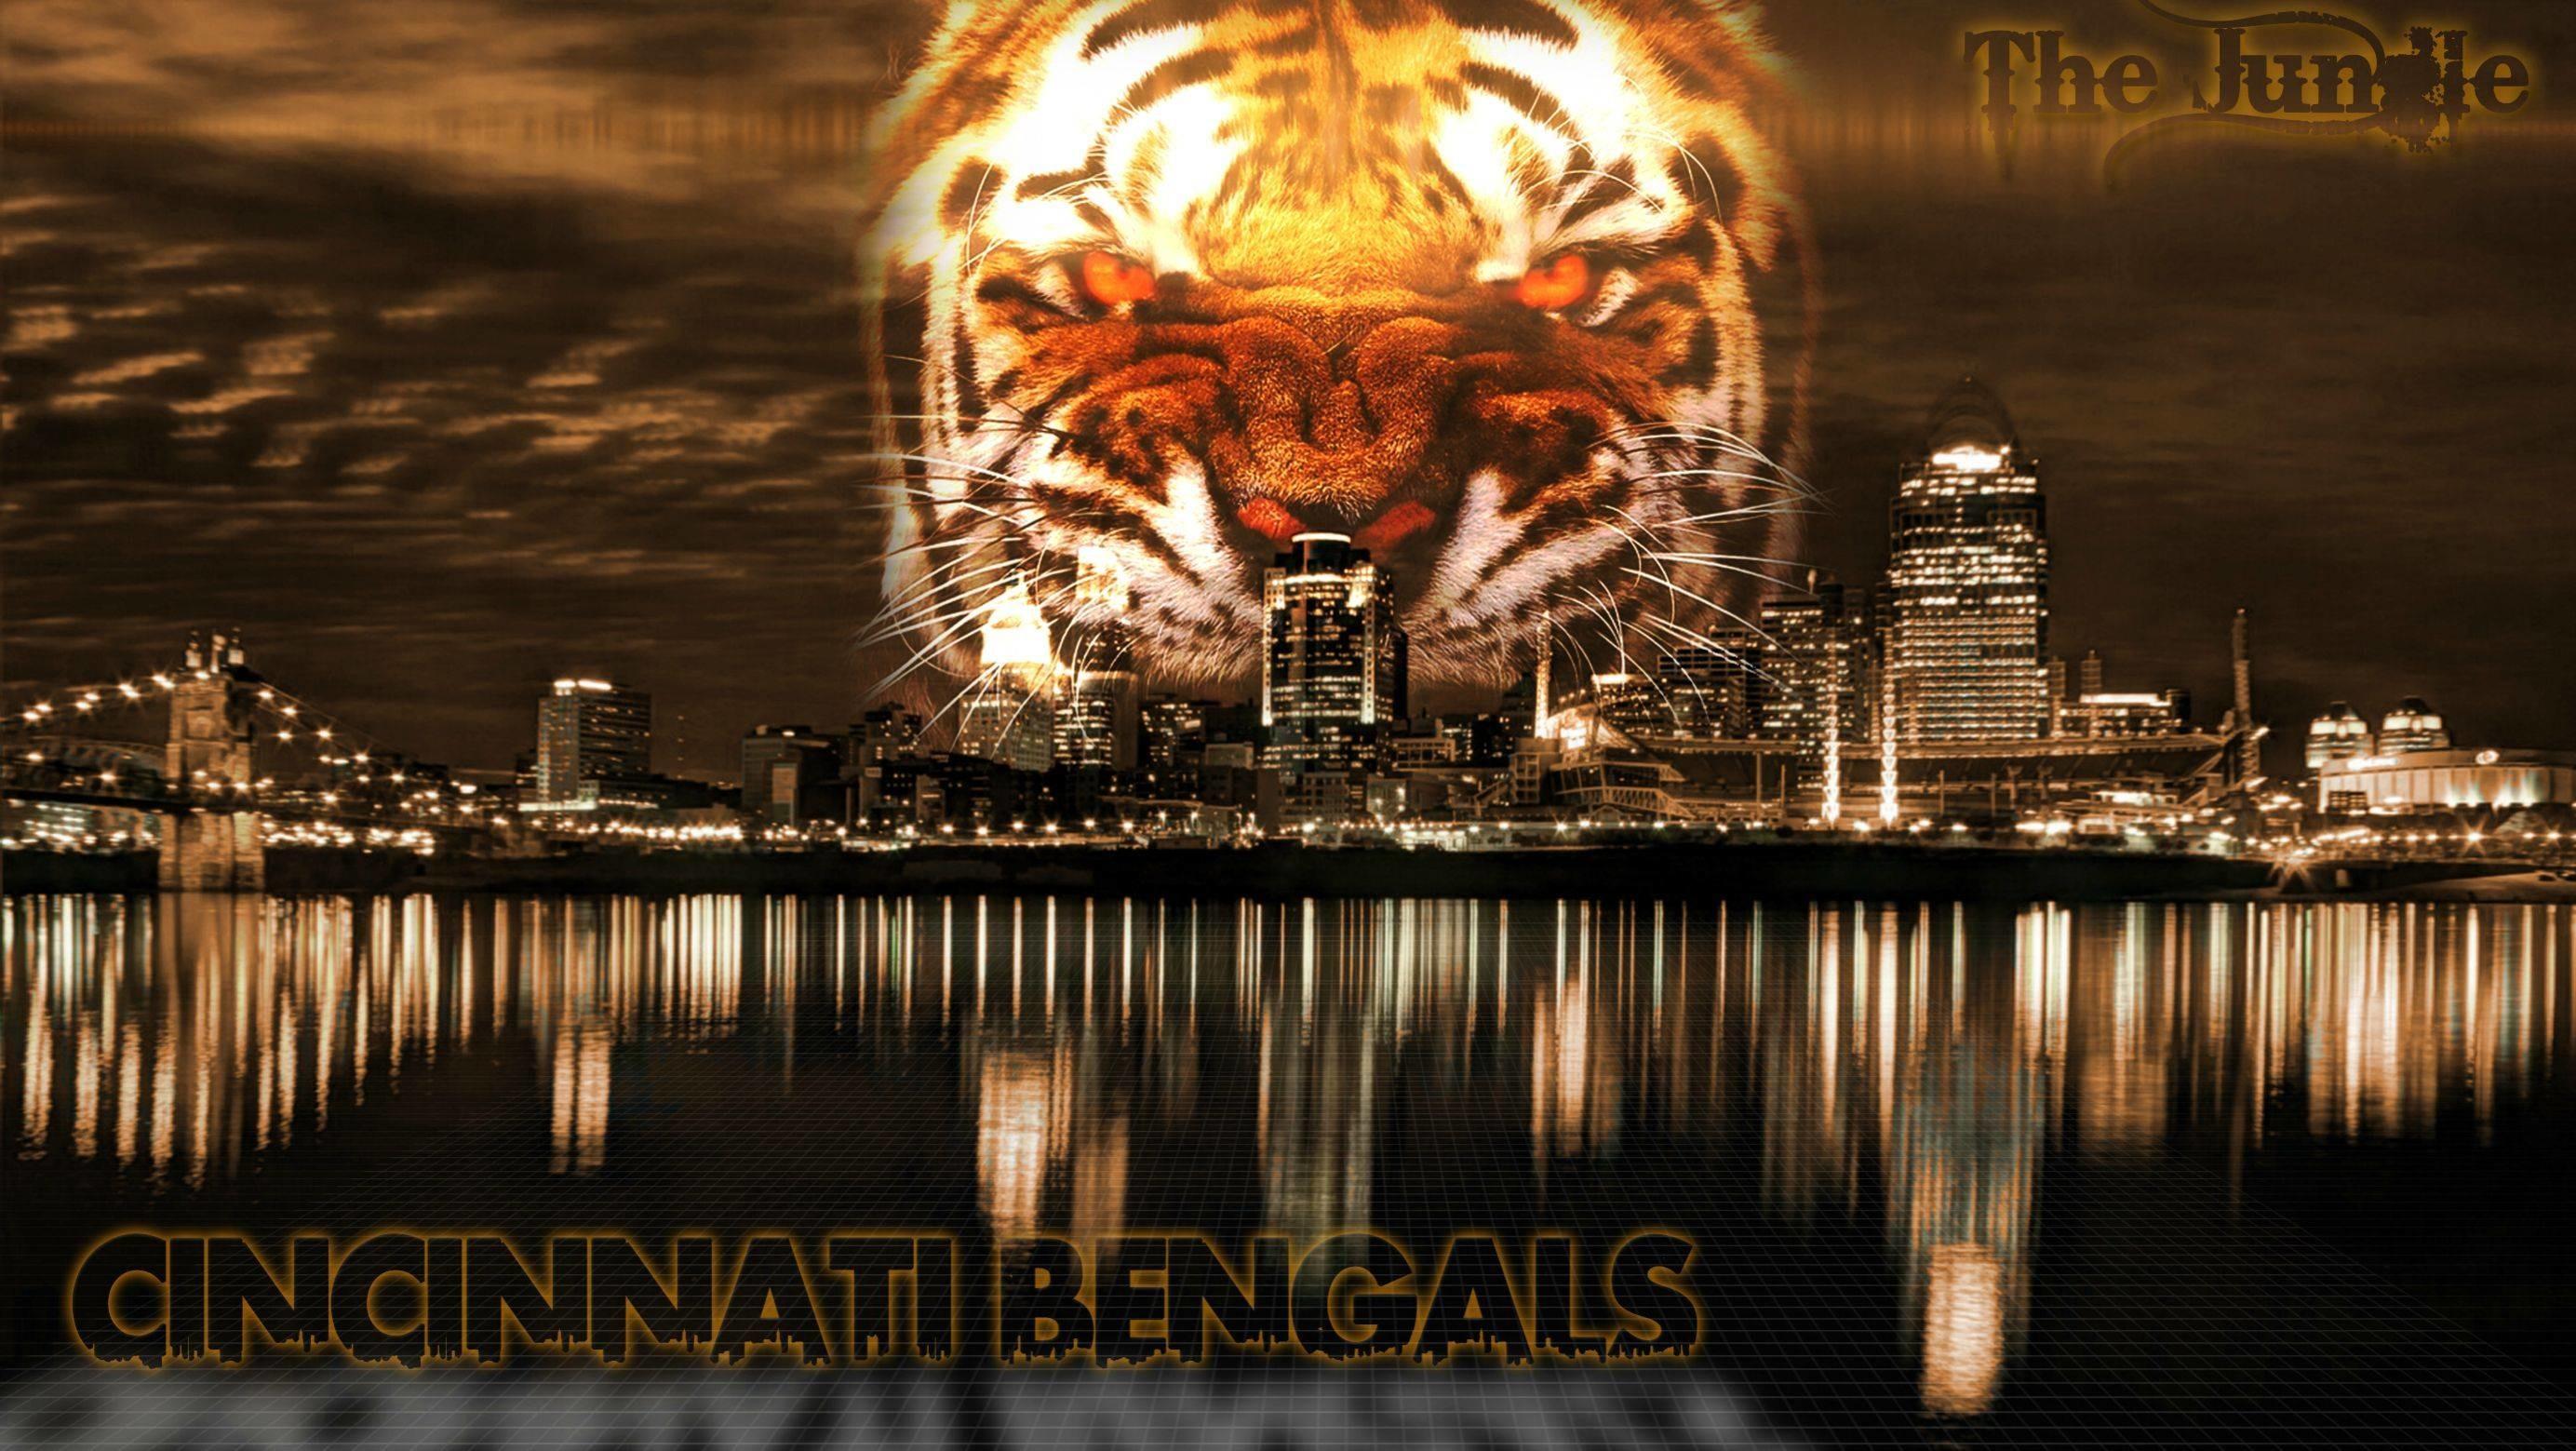 Filename: Cincinnati-Bengals-Picture.jpg